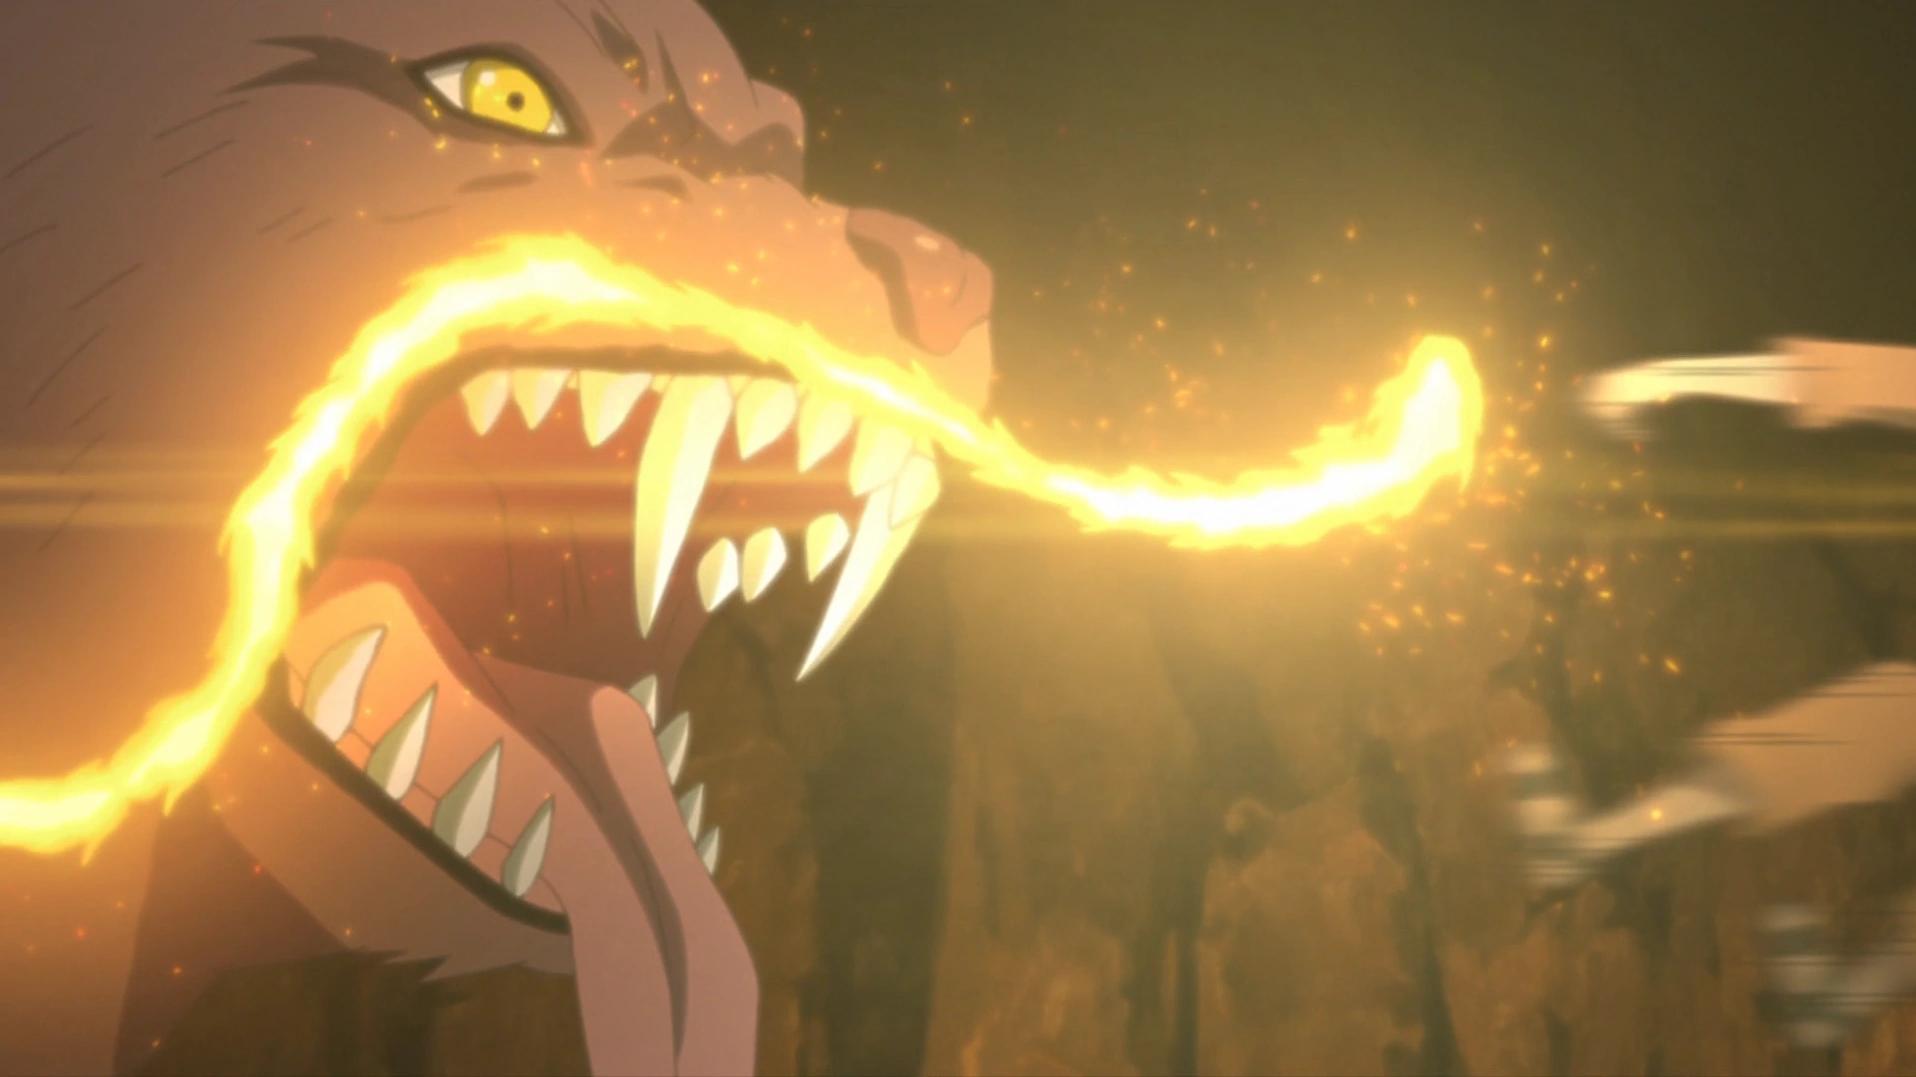 Elemento Fuego: Captura de Llama